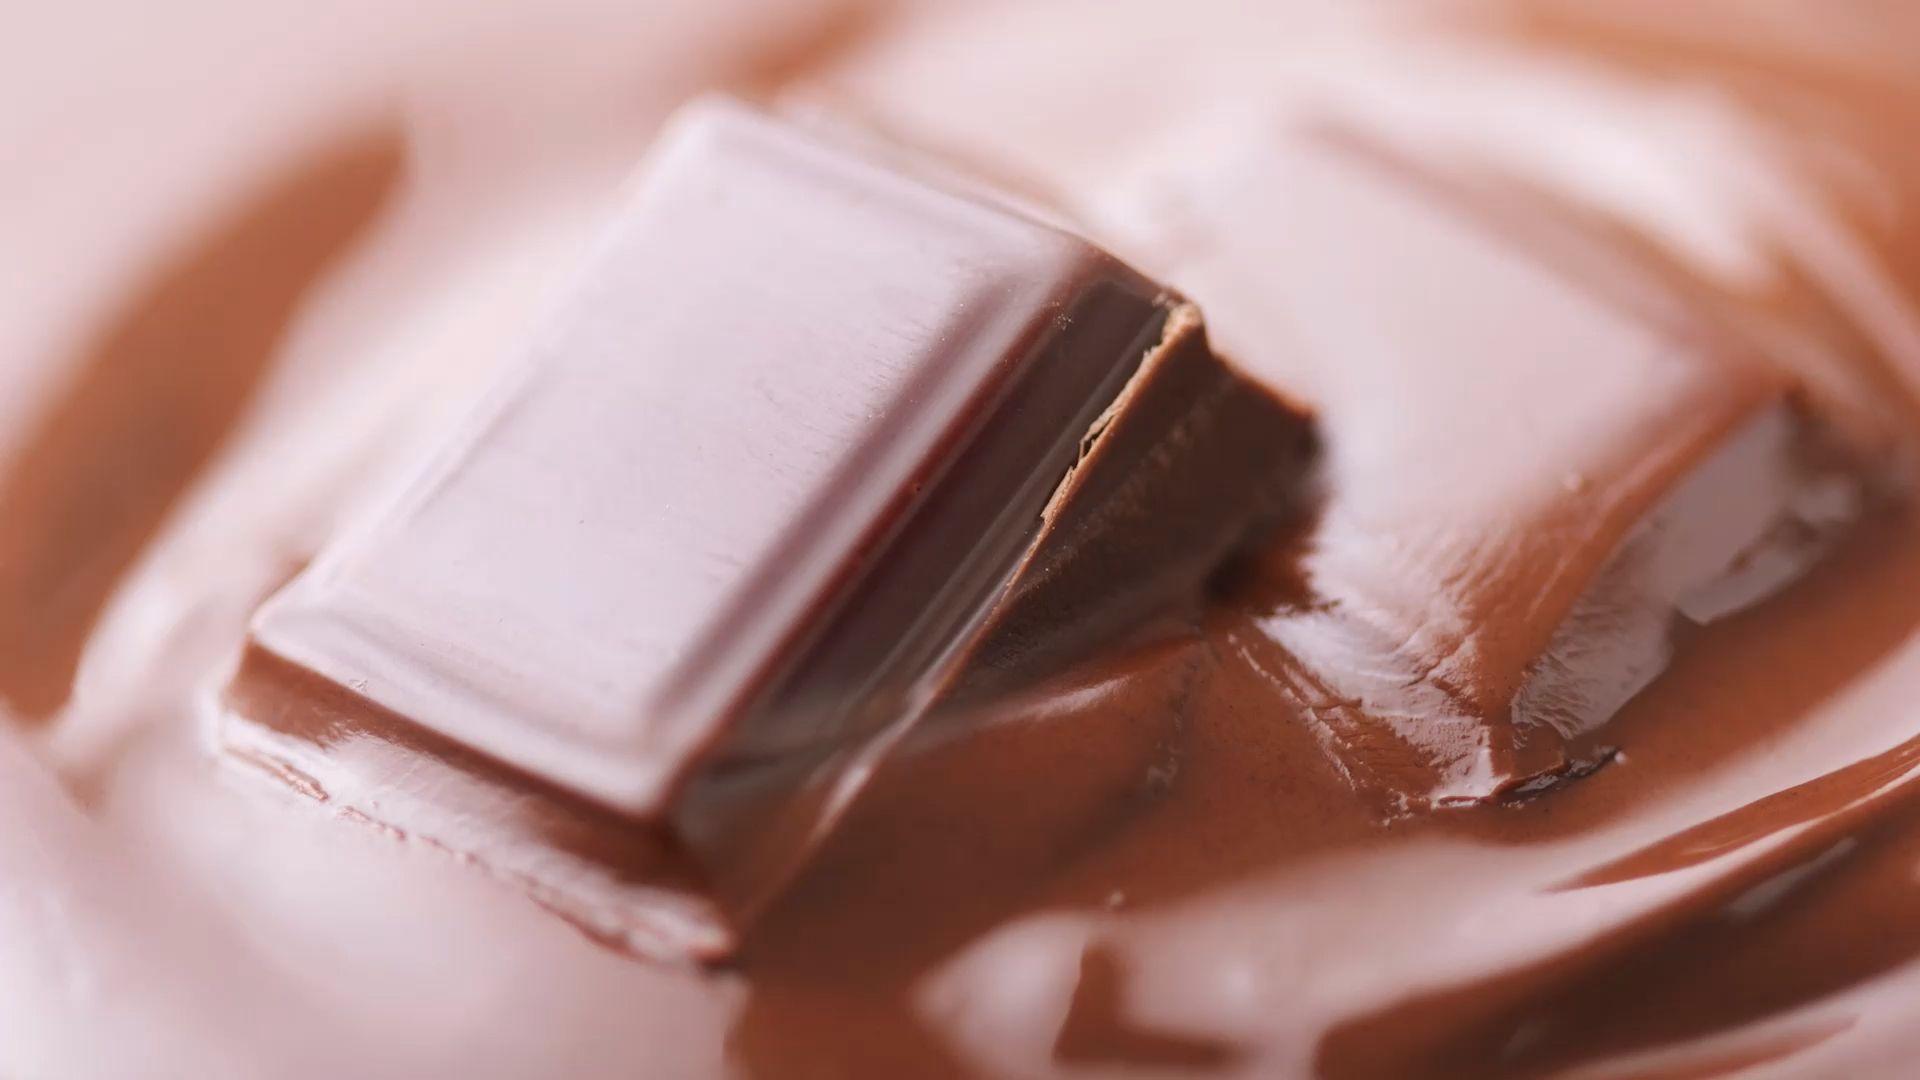 Macht Schokolade glücklich? Die süße Nascherei im Fakten-Check